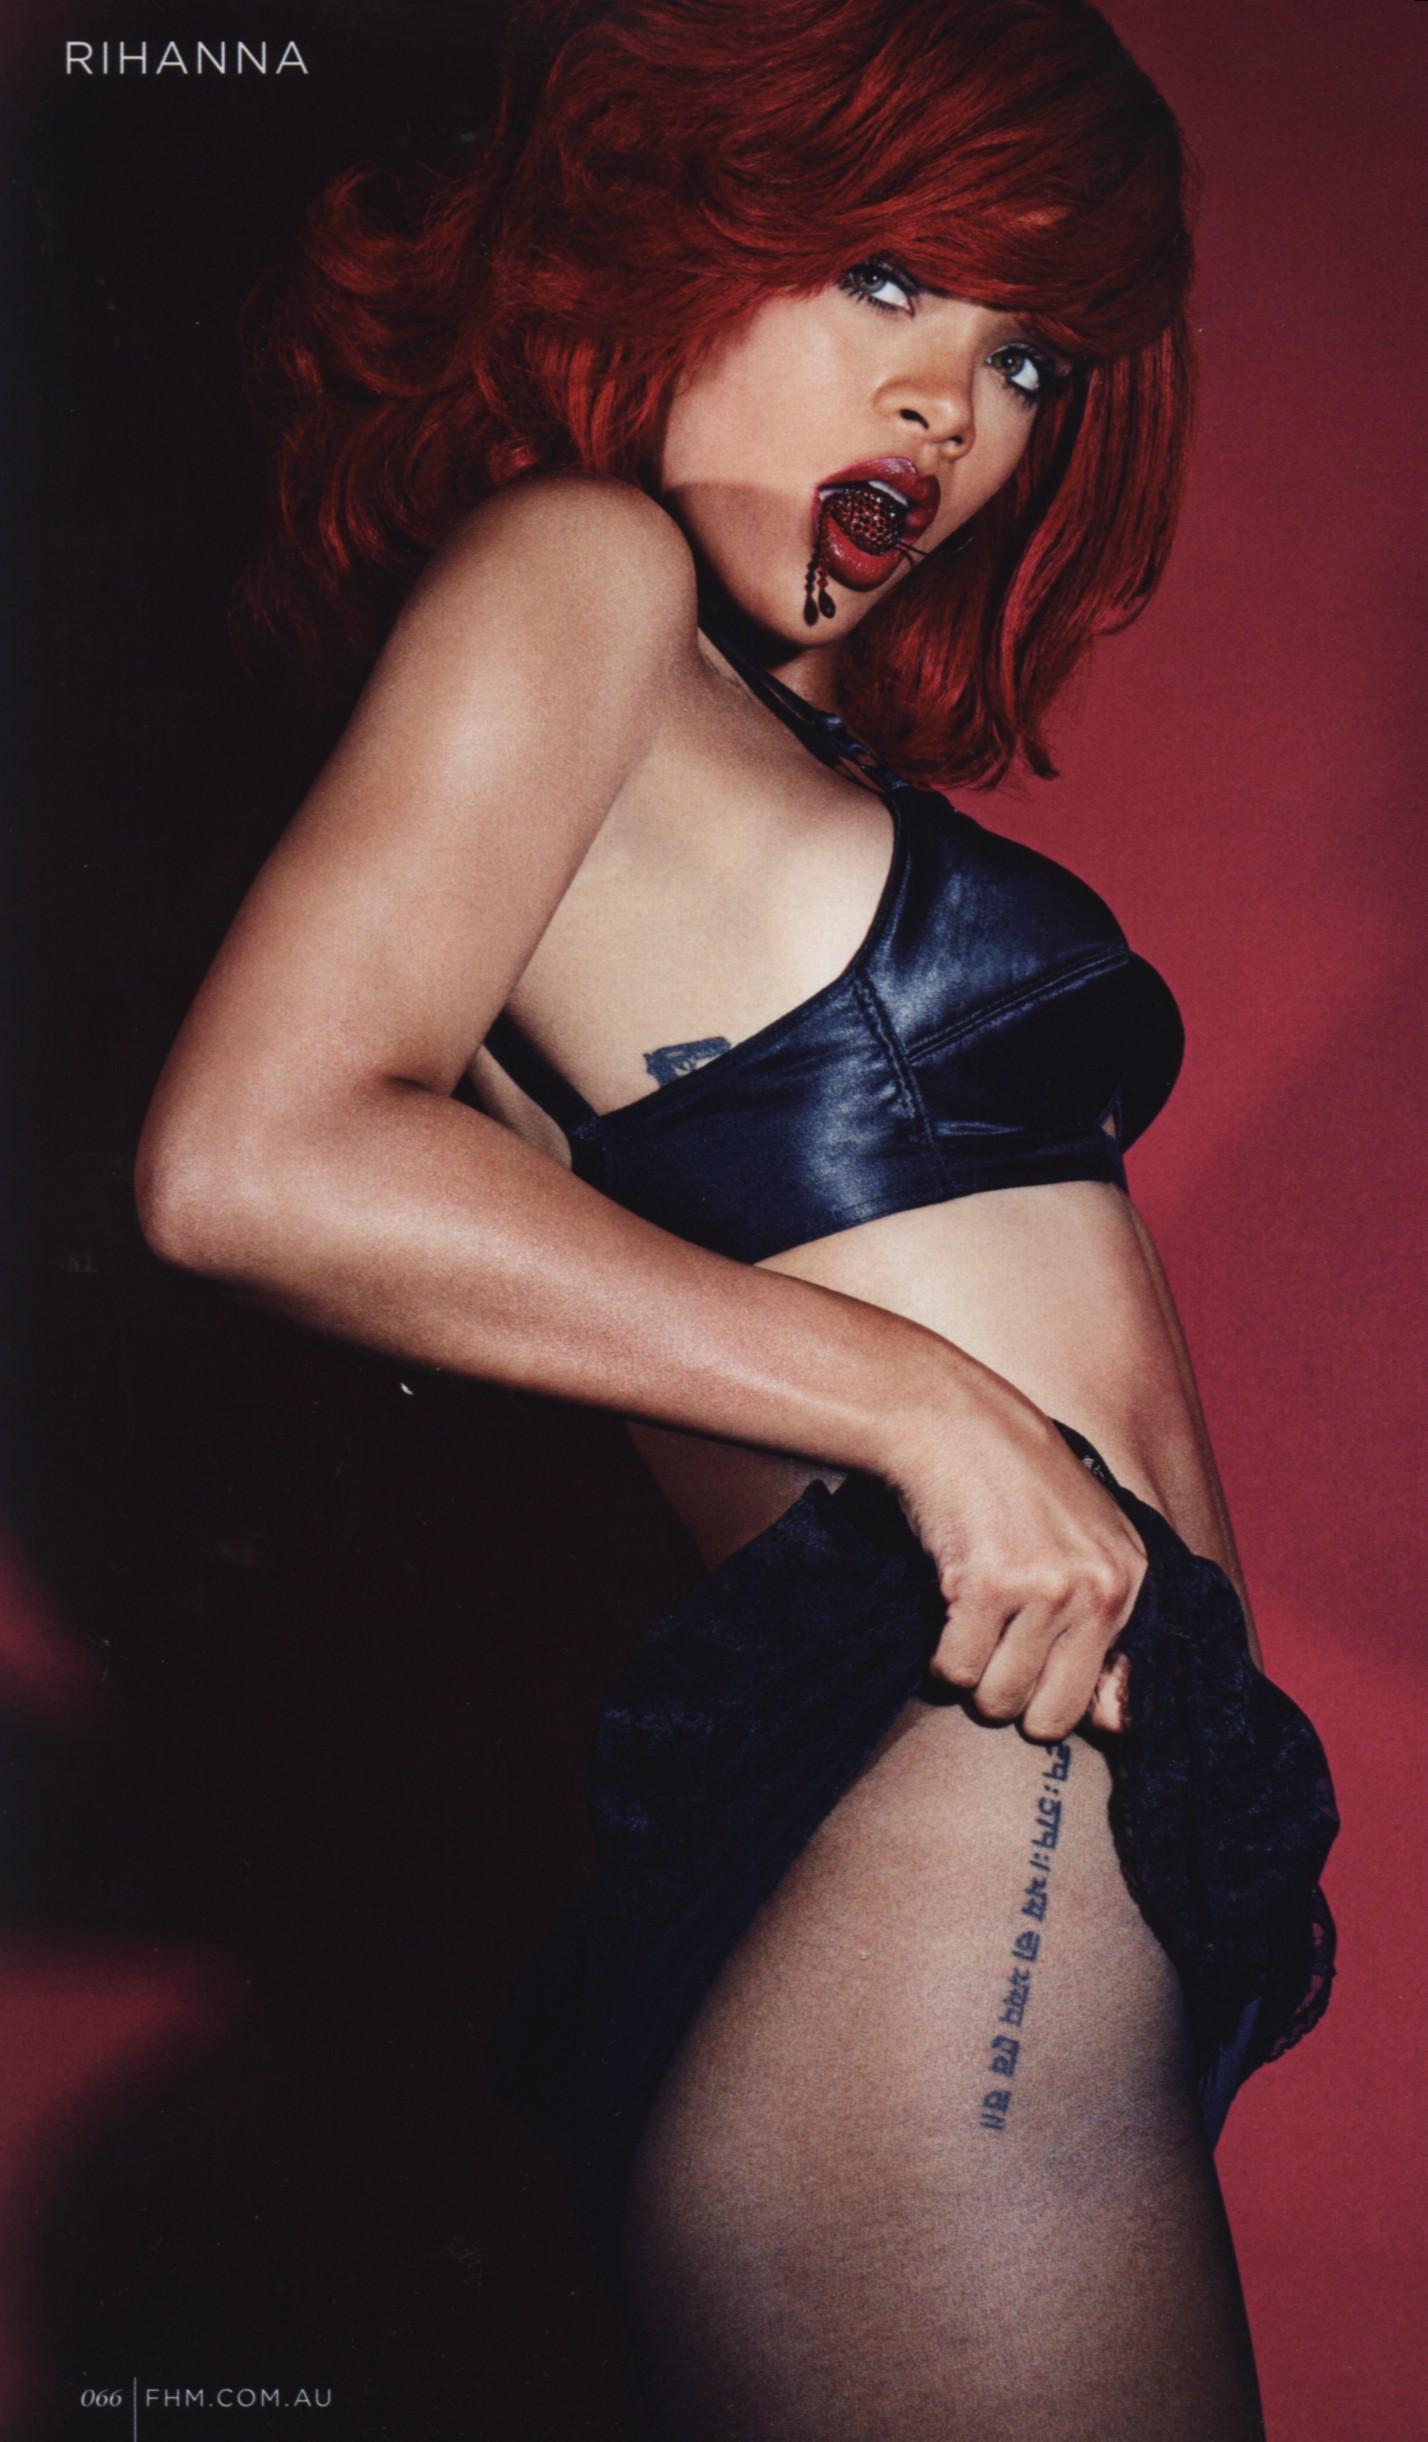 Rihanna Fhm Nude 46